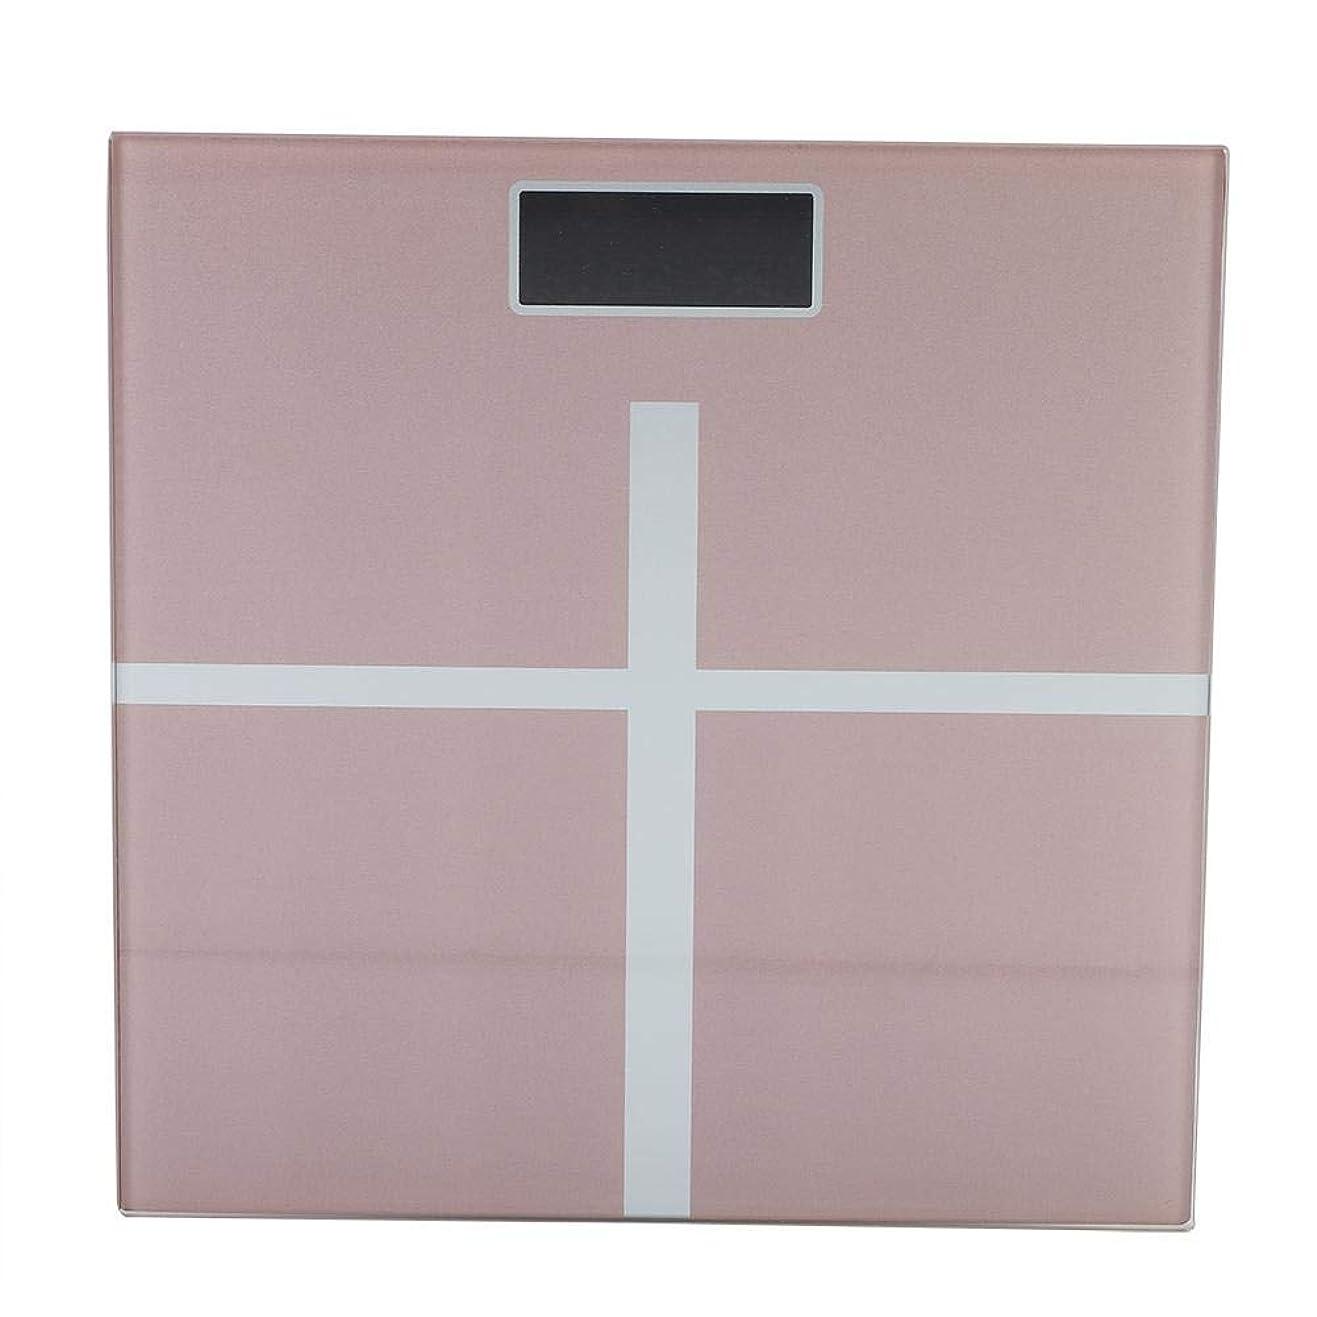 フォーラム先生かんがい家庭用体重計強化ガラススケール強い耐圧体脂肪スケール液晶ディスプレイデジタル電子スティールヤード